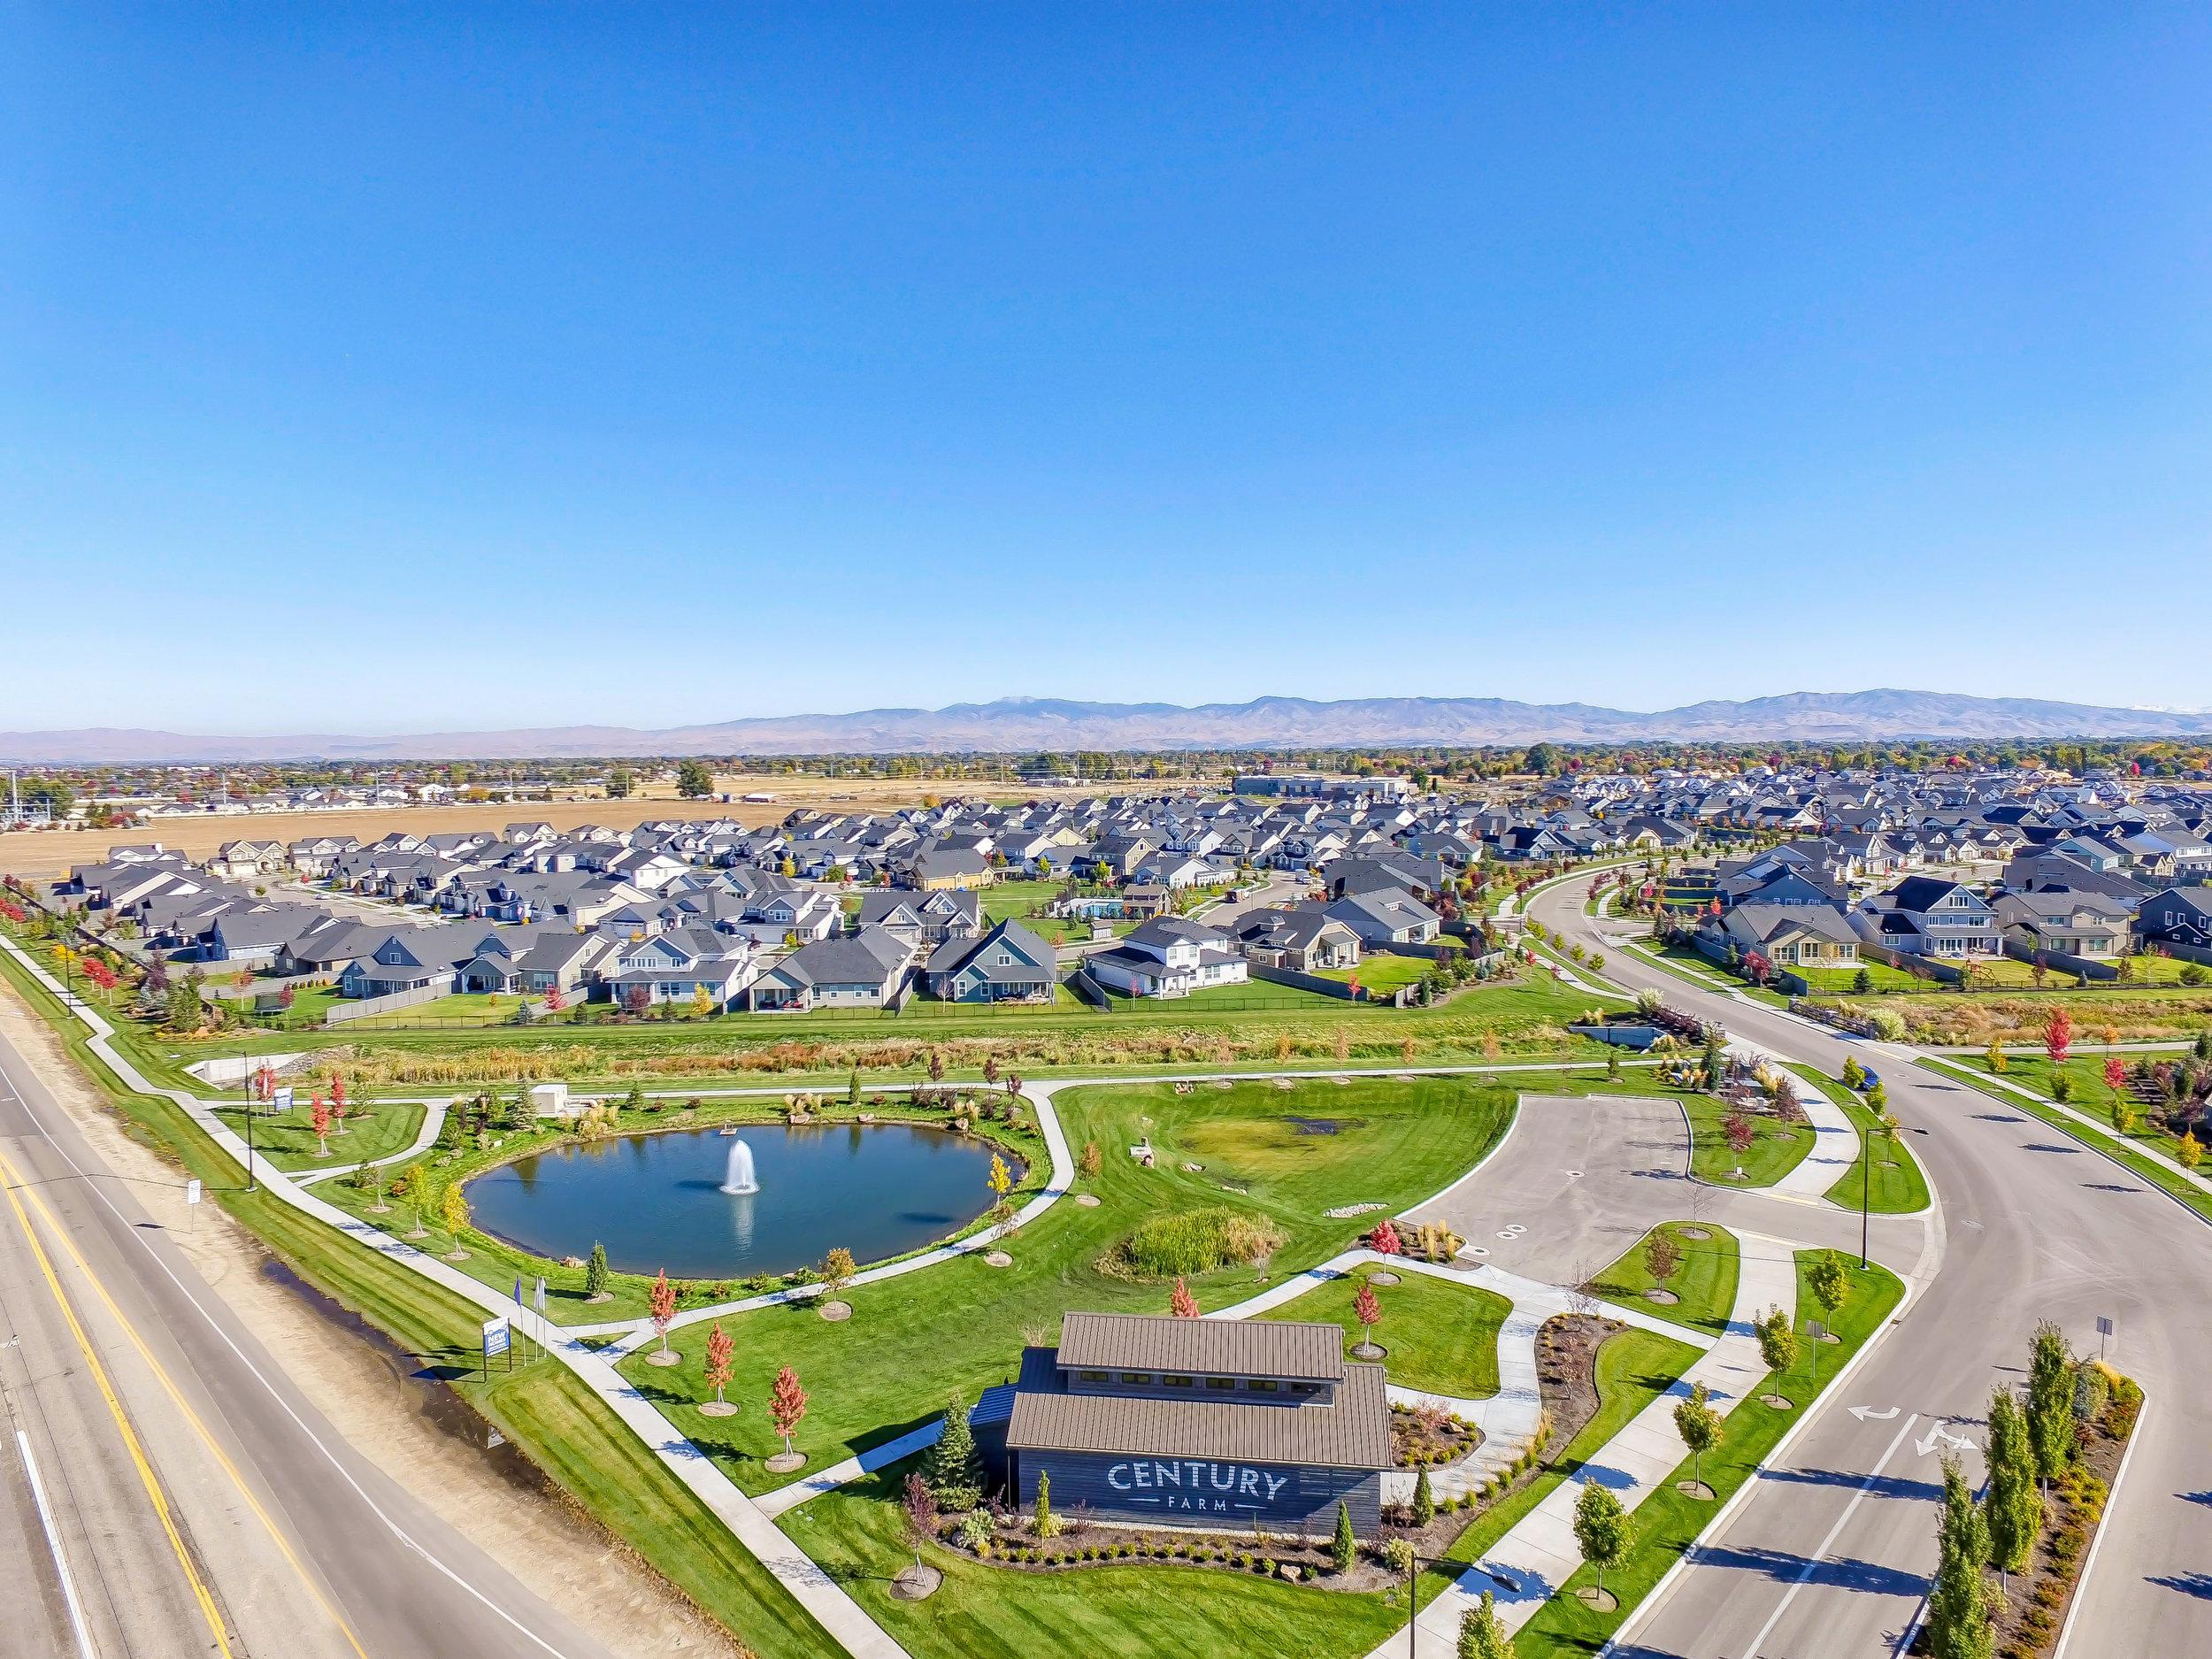 034_Aerial Community View.jpg